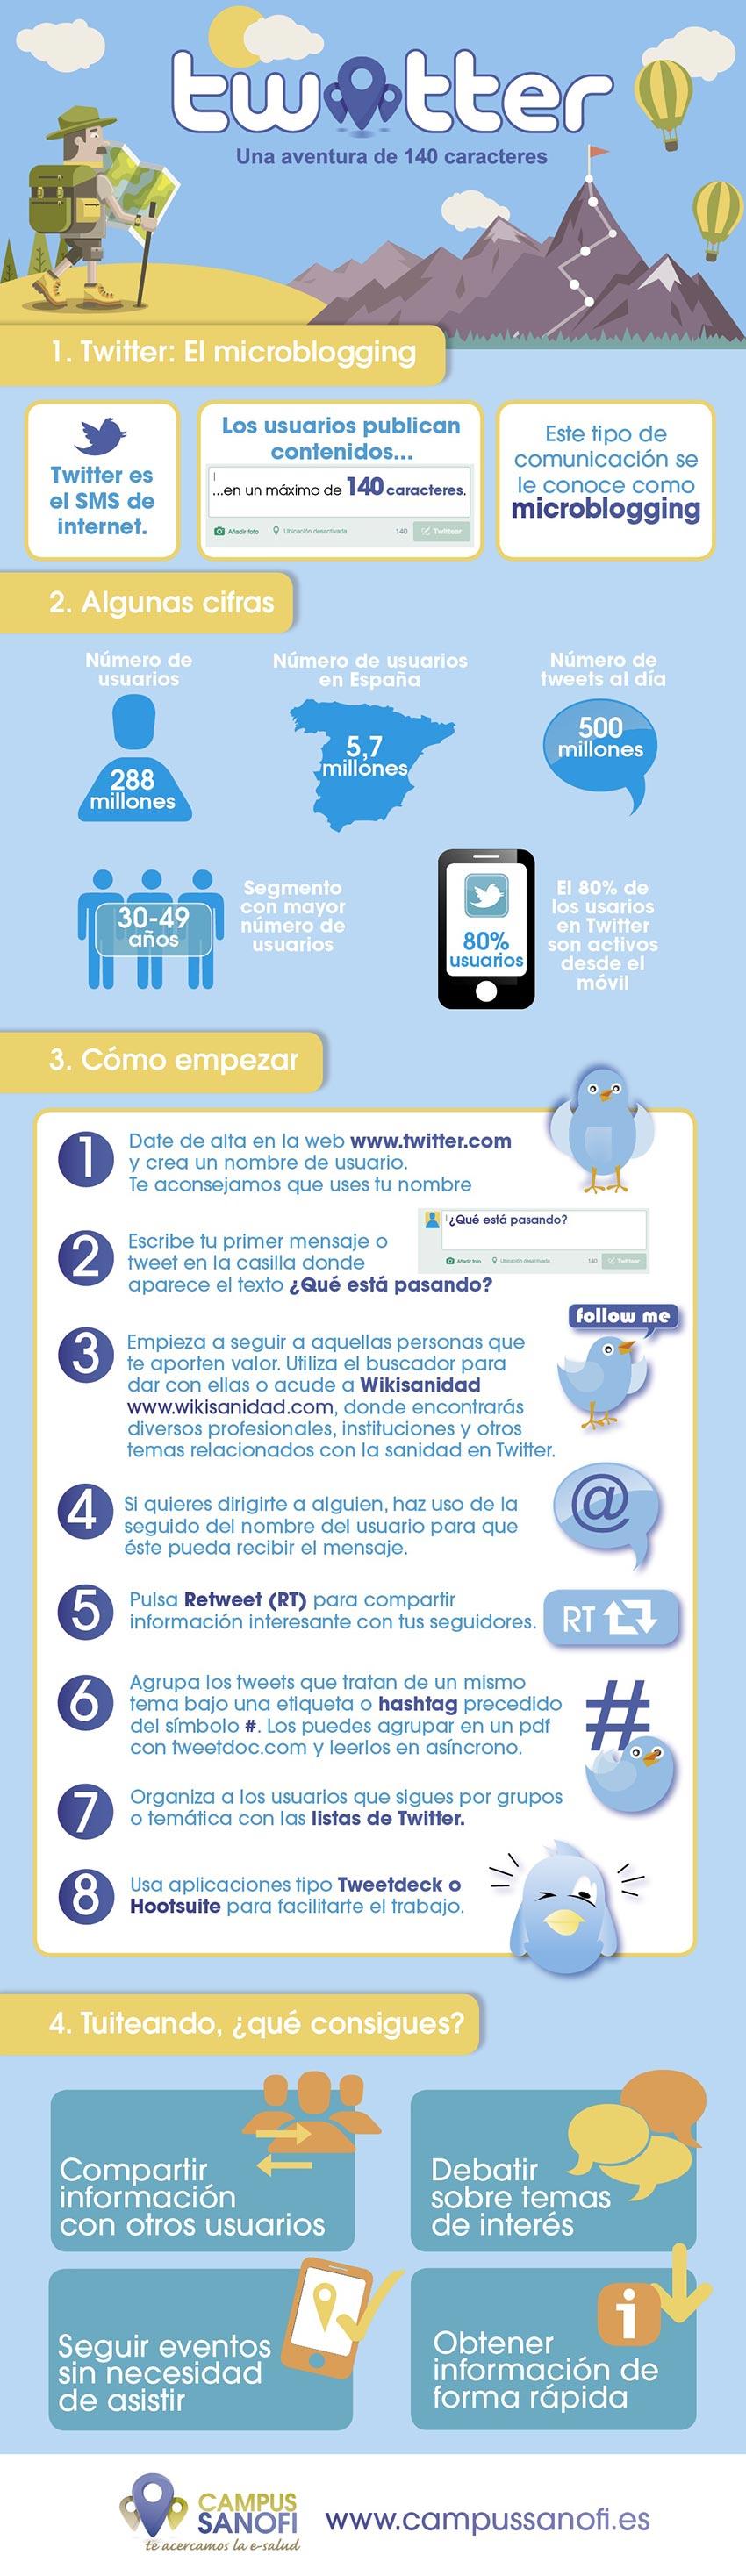 tema1-twitter